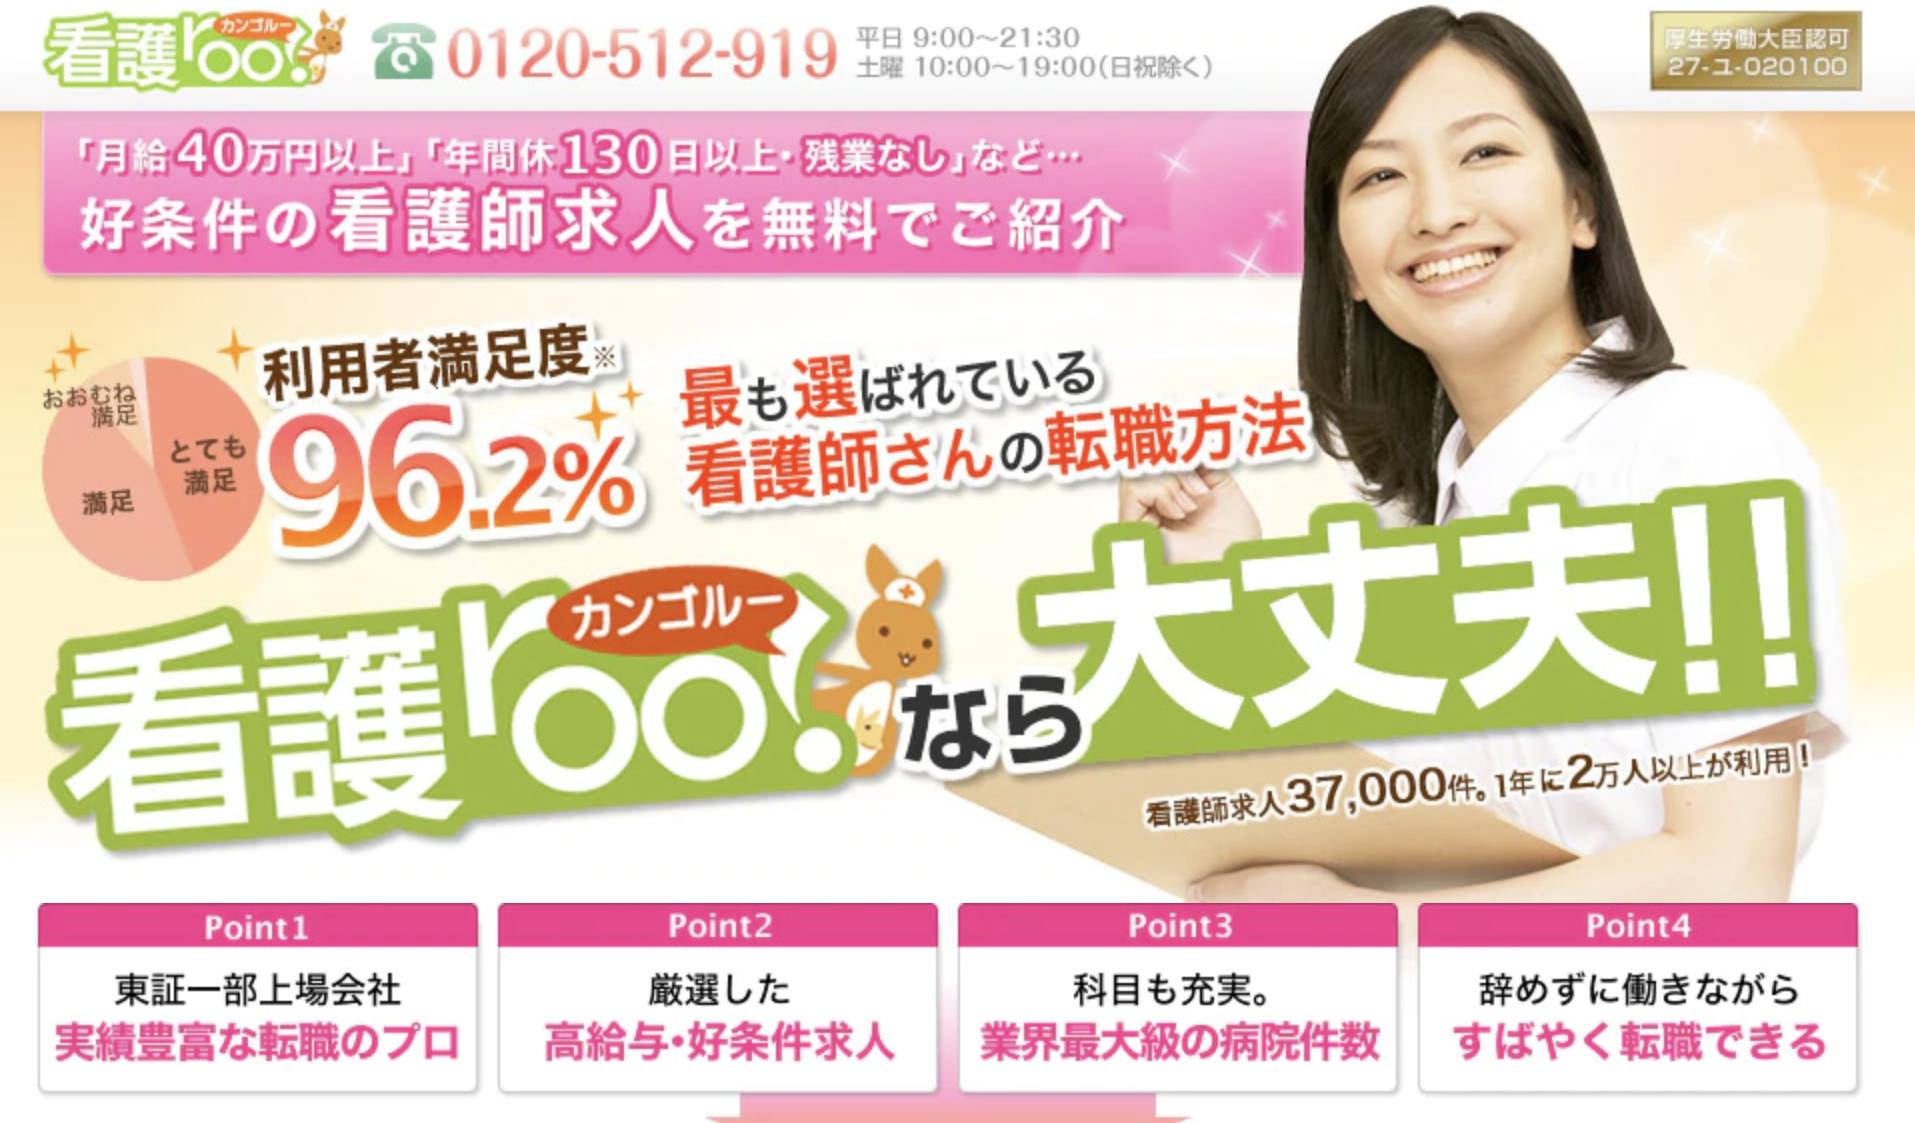 看護roo! (看護ルー)の総評: 利用者満足度96.2%の転職サイト!